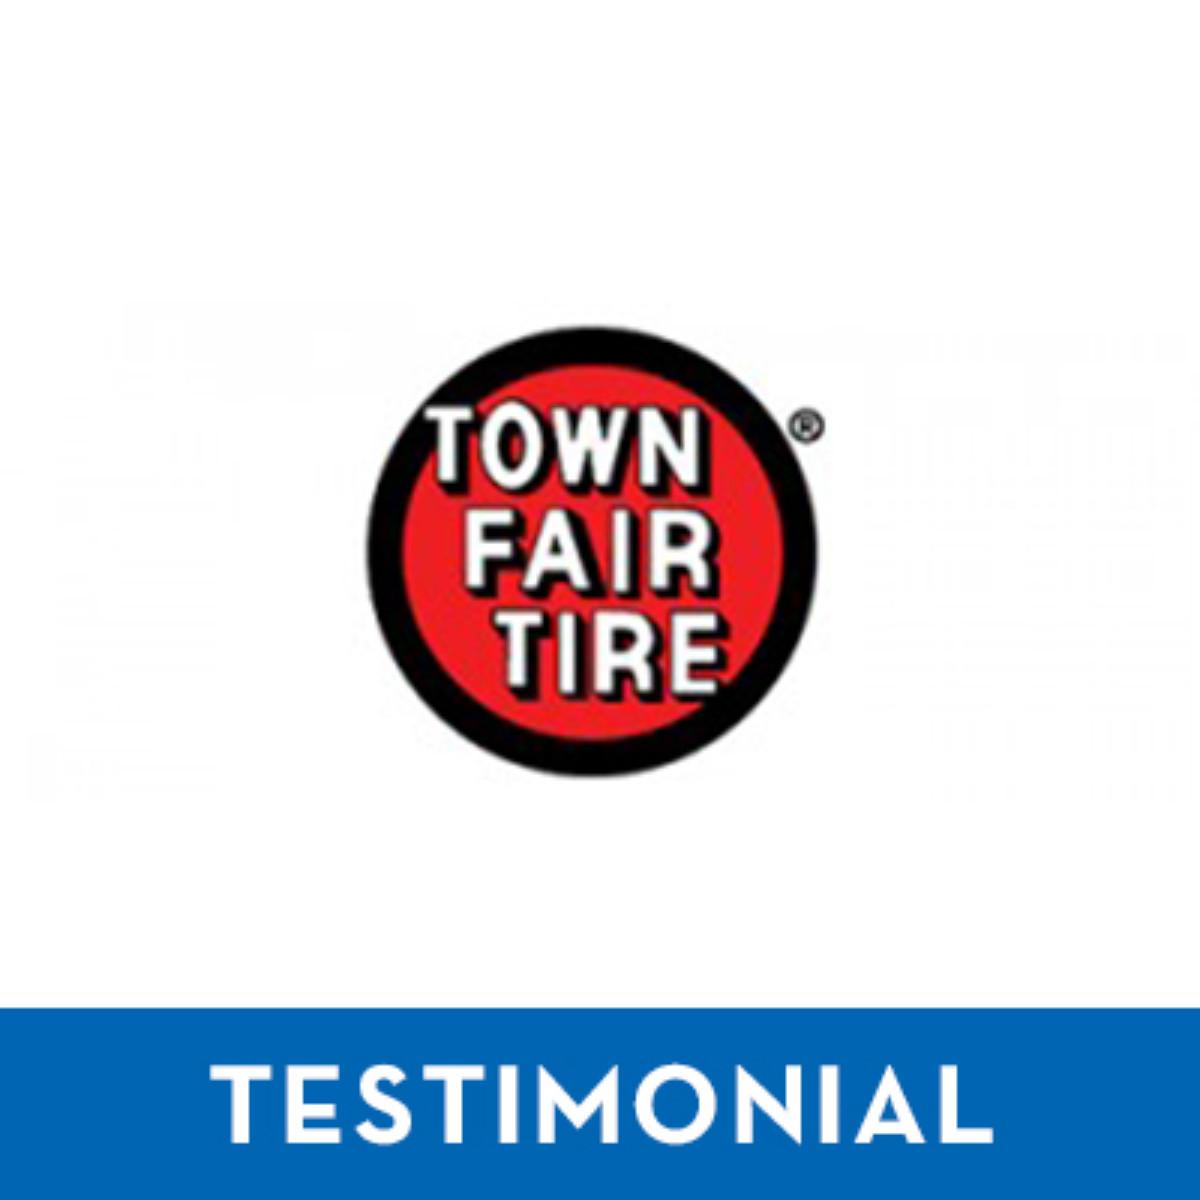 town-fair-tire-testimonial-thumbnial-1200x1200